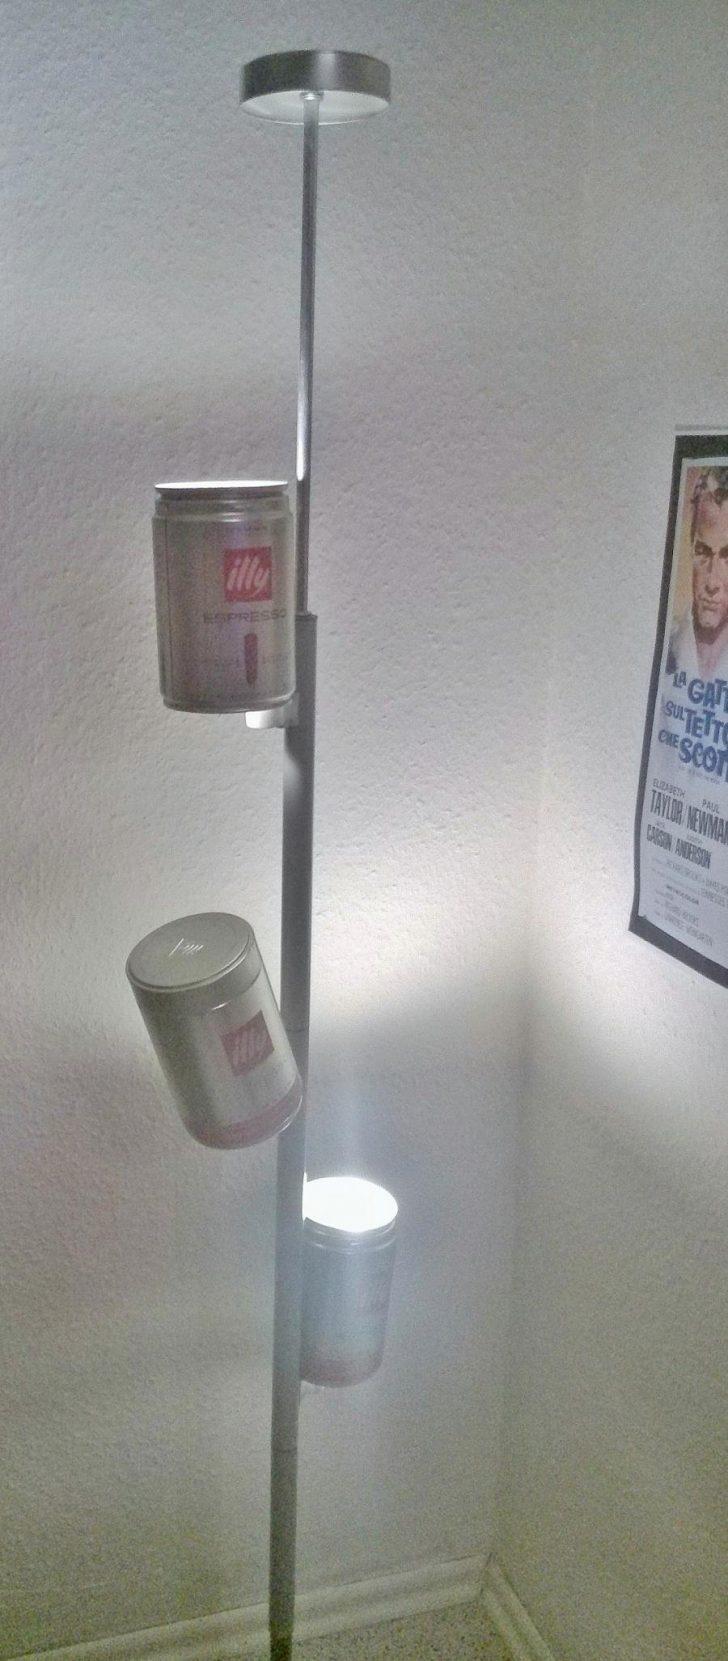 Ikea Stehlampen Stehlampe Neu Gestalten Frag Mutti Küche Kosten Modulküche Wohnzimmer Sofa Mit Schlaffunktion Miniküche Kaufen Betten Bei 160x200 Wohnzimmer Ikea Stehlampen